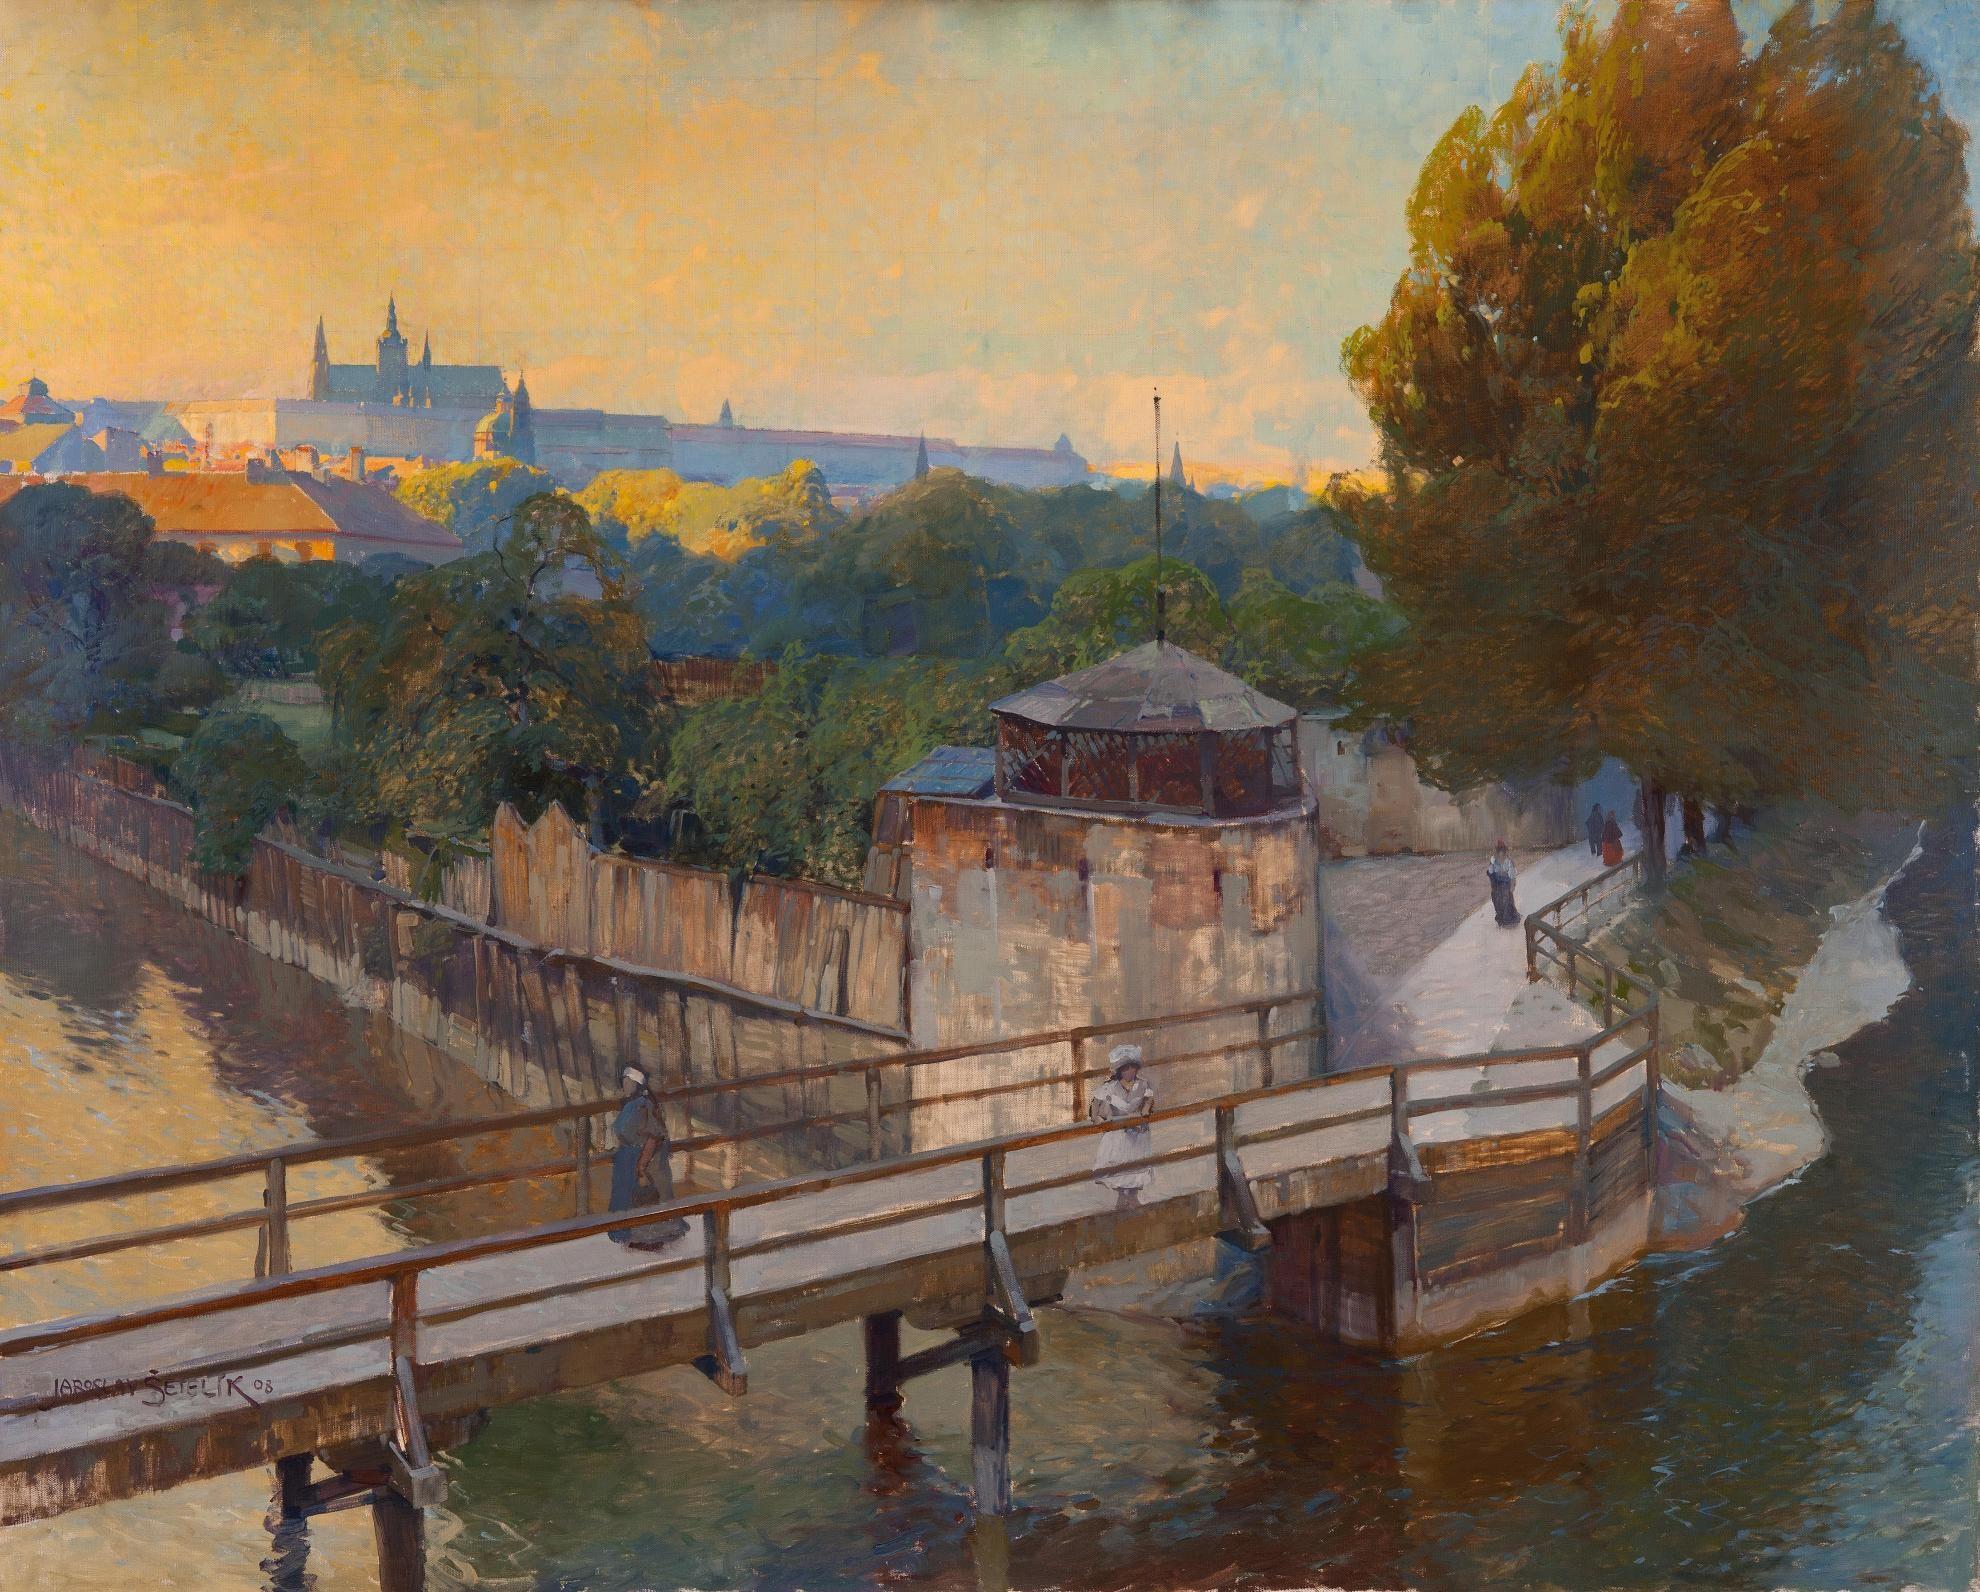 JAROSLAV ŠETELÍK (1881-1955)  Most přes Čertovku, oil on canvas, GHMP, 1908